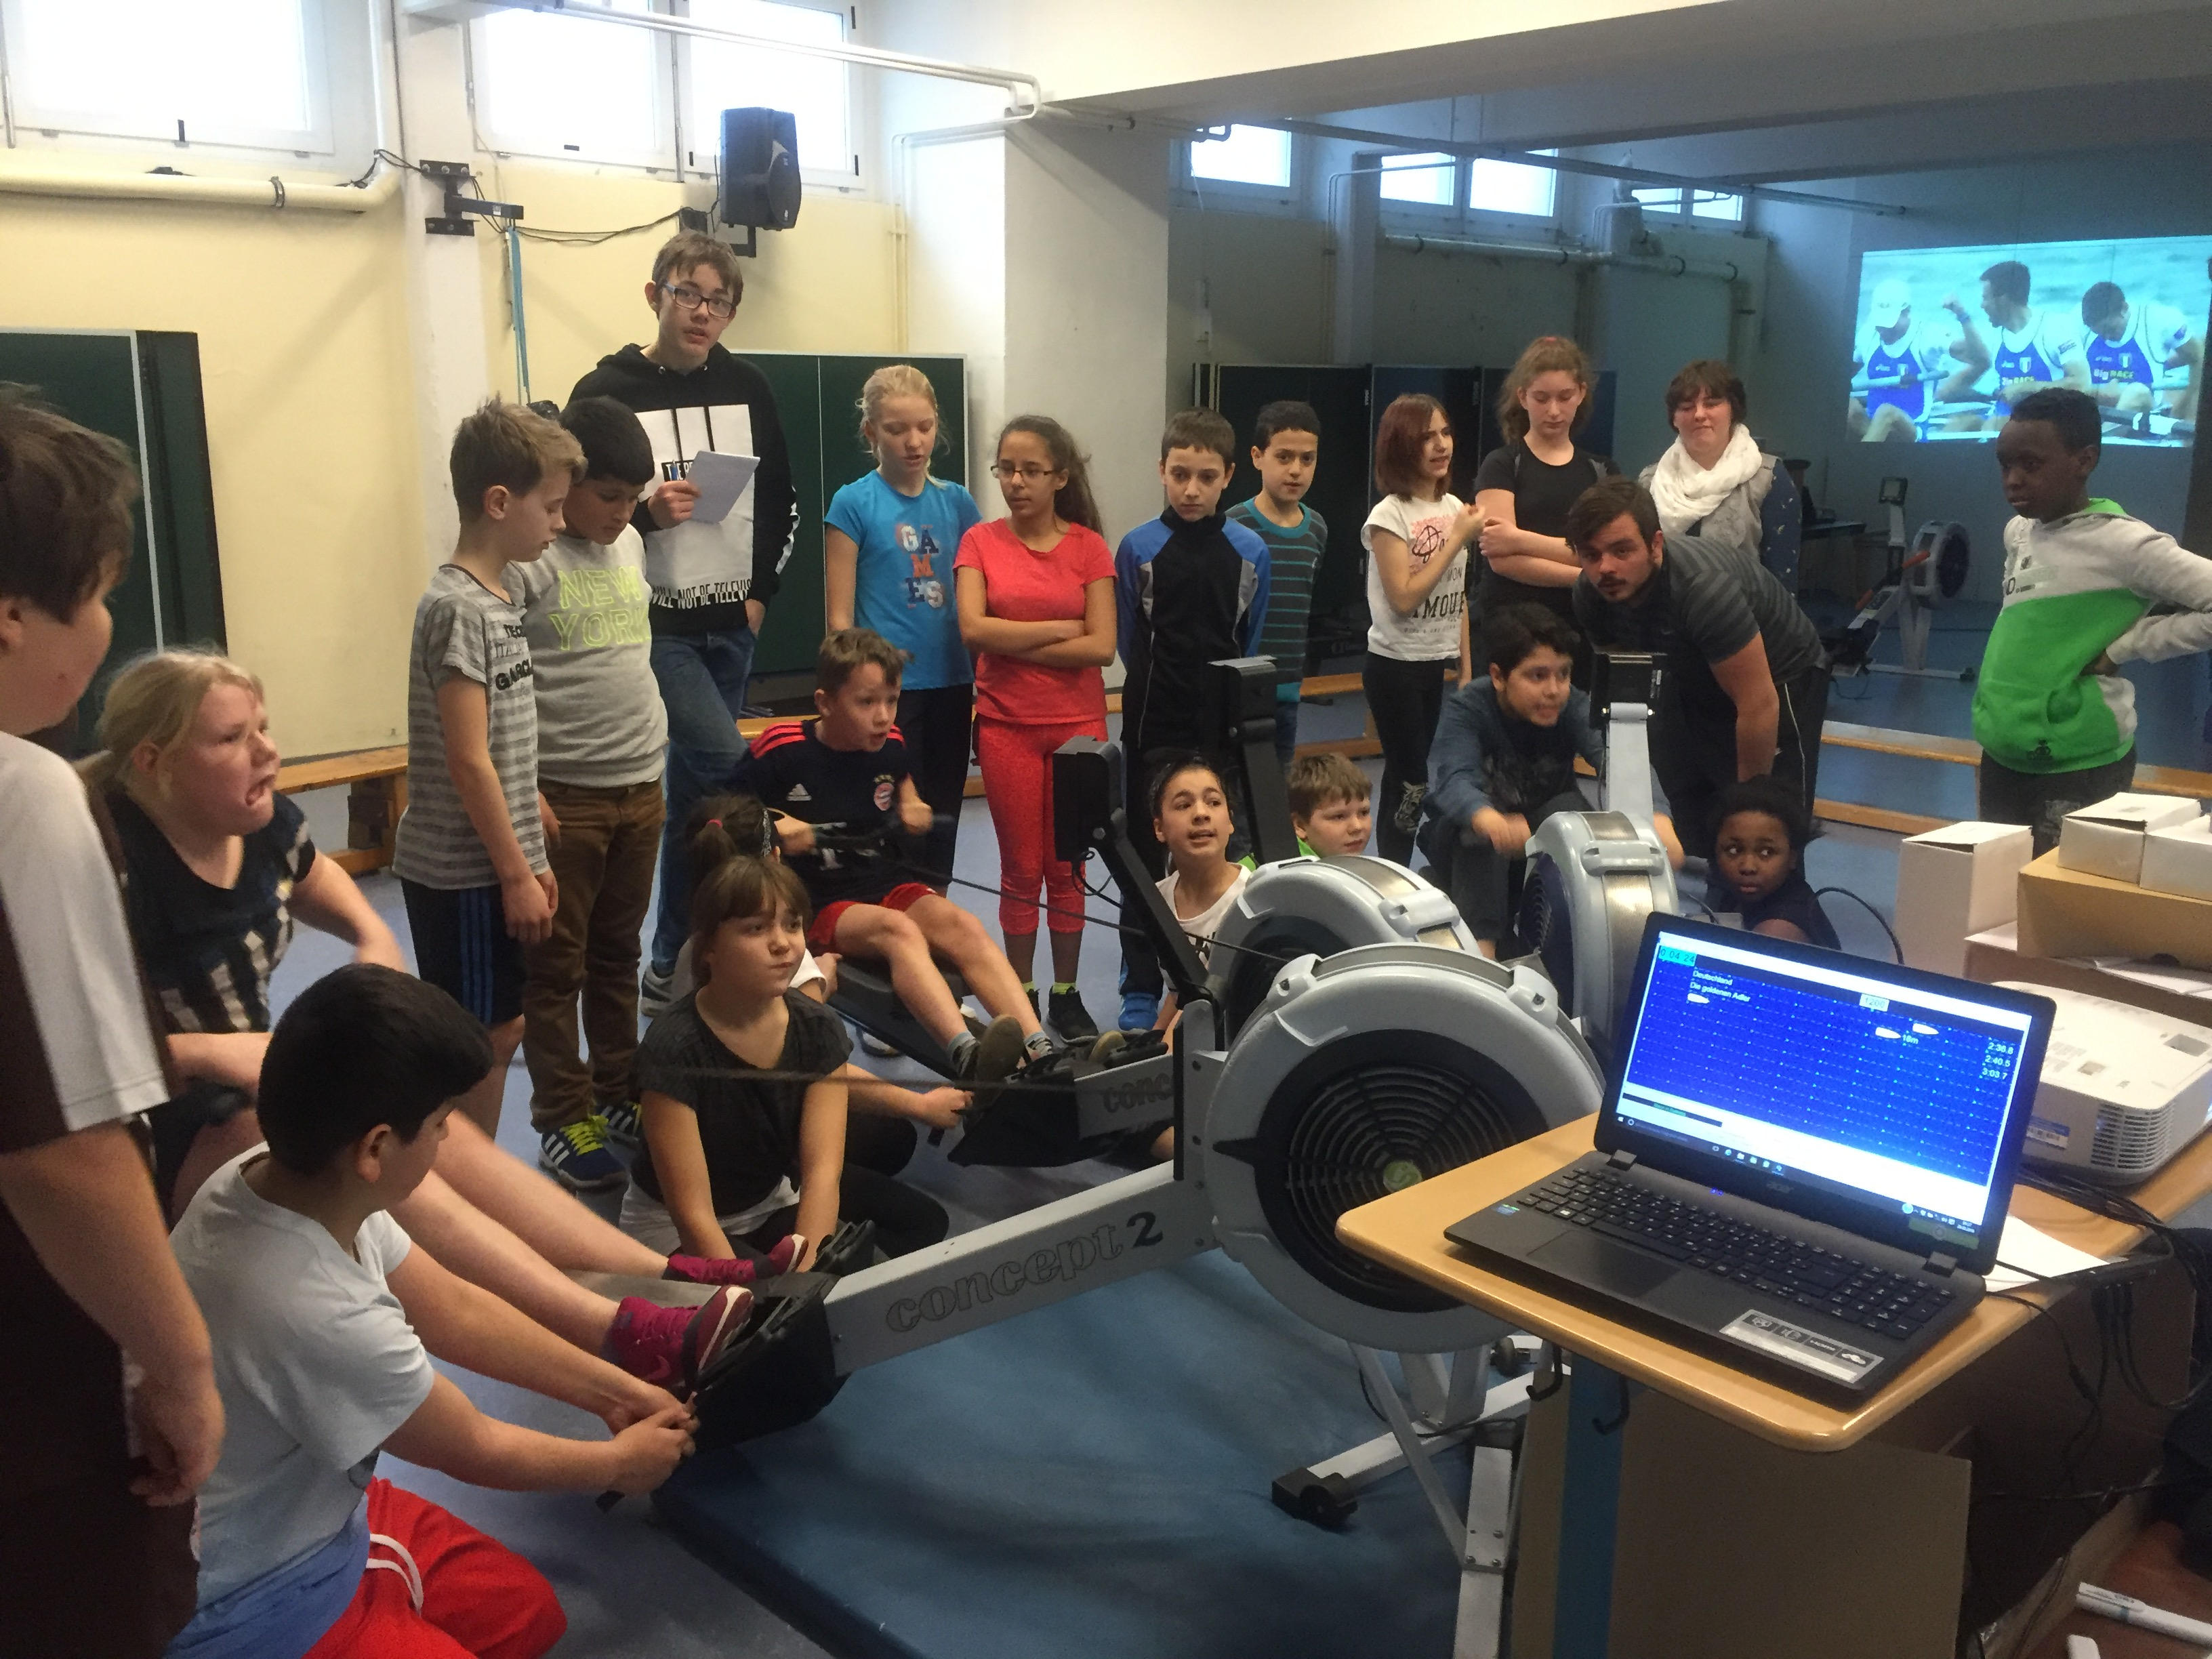 Goethe Schule Harburg ergometerevent an der goetheschule harburg rudern de